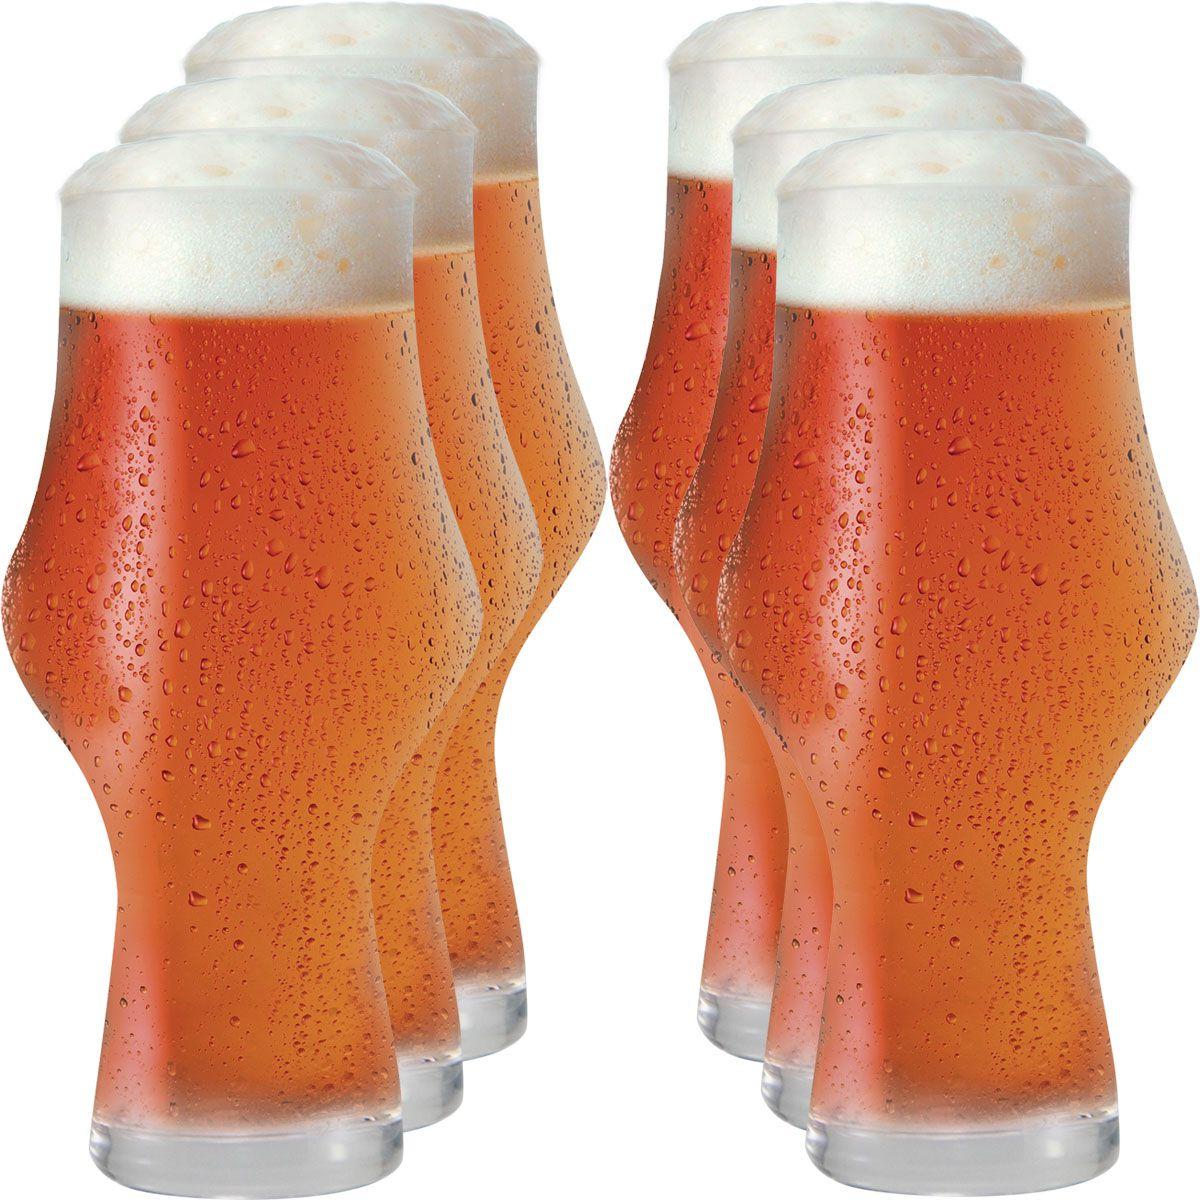 Jogo de Copos de Cerveja Craft Beer Ipa 495ml 6 pcs